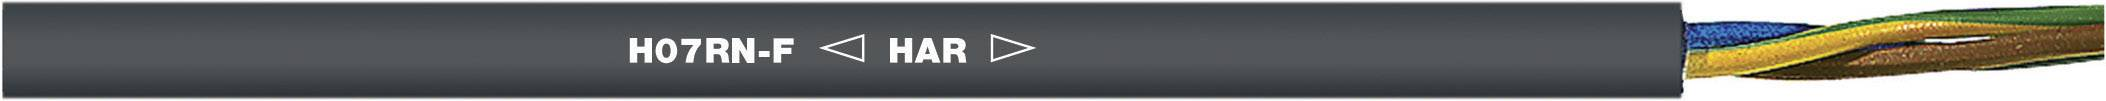 Připojovací kabel H07RN-F 7 G 2.50 mm² černá LAPP 1600152 metrové zboží